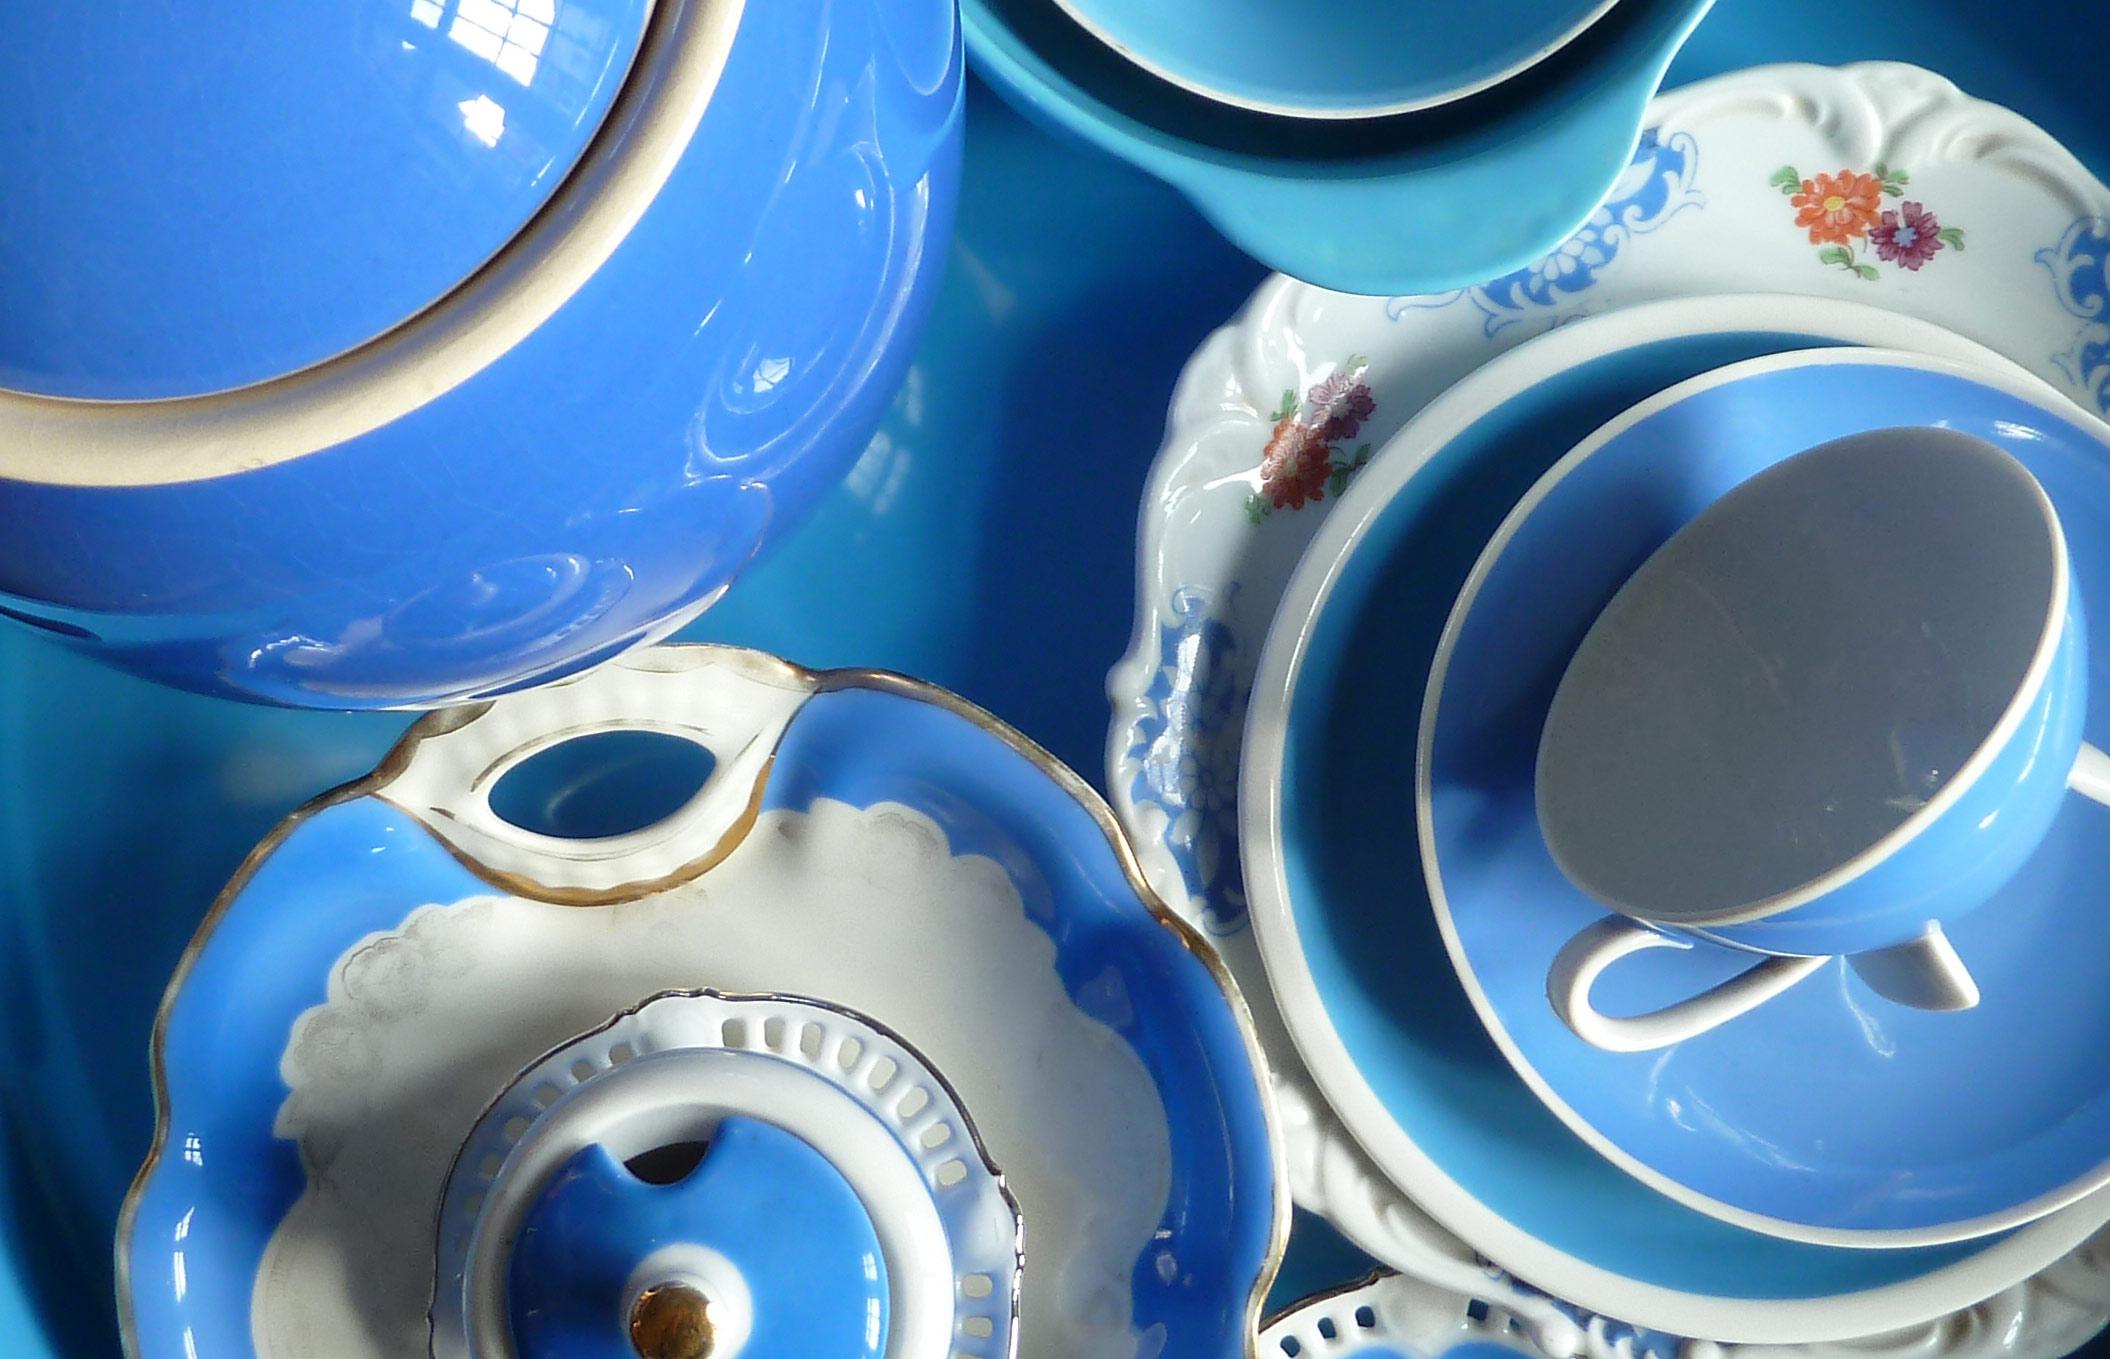 Himmelblau zum Eintauchen Komposition Styling aus Porzellan